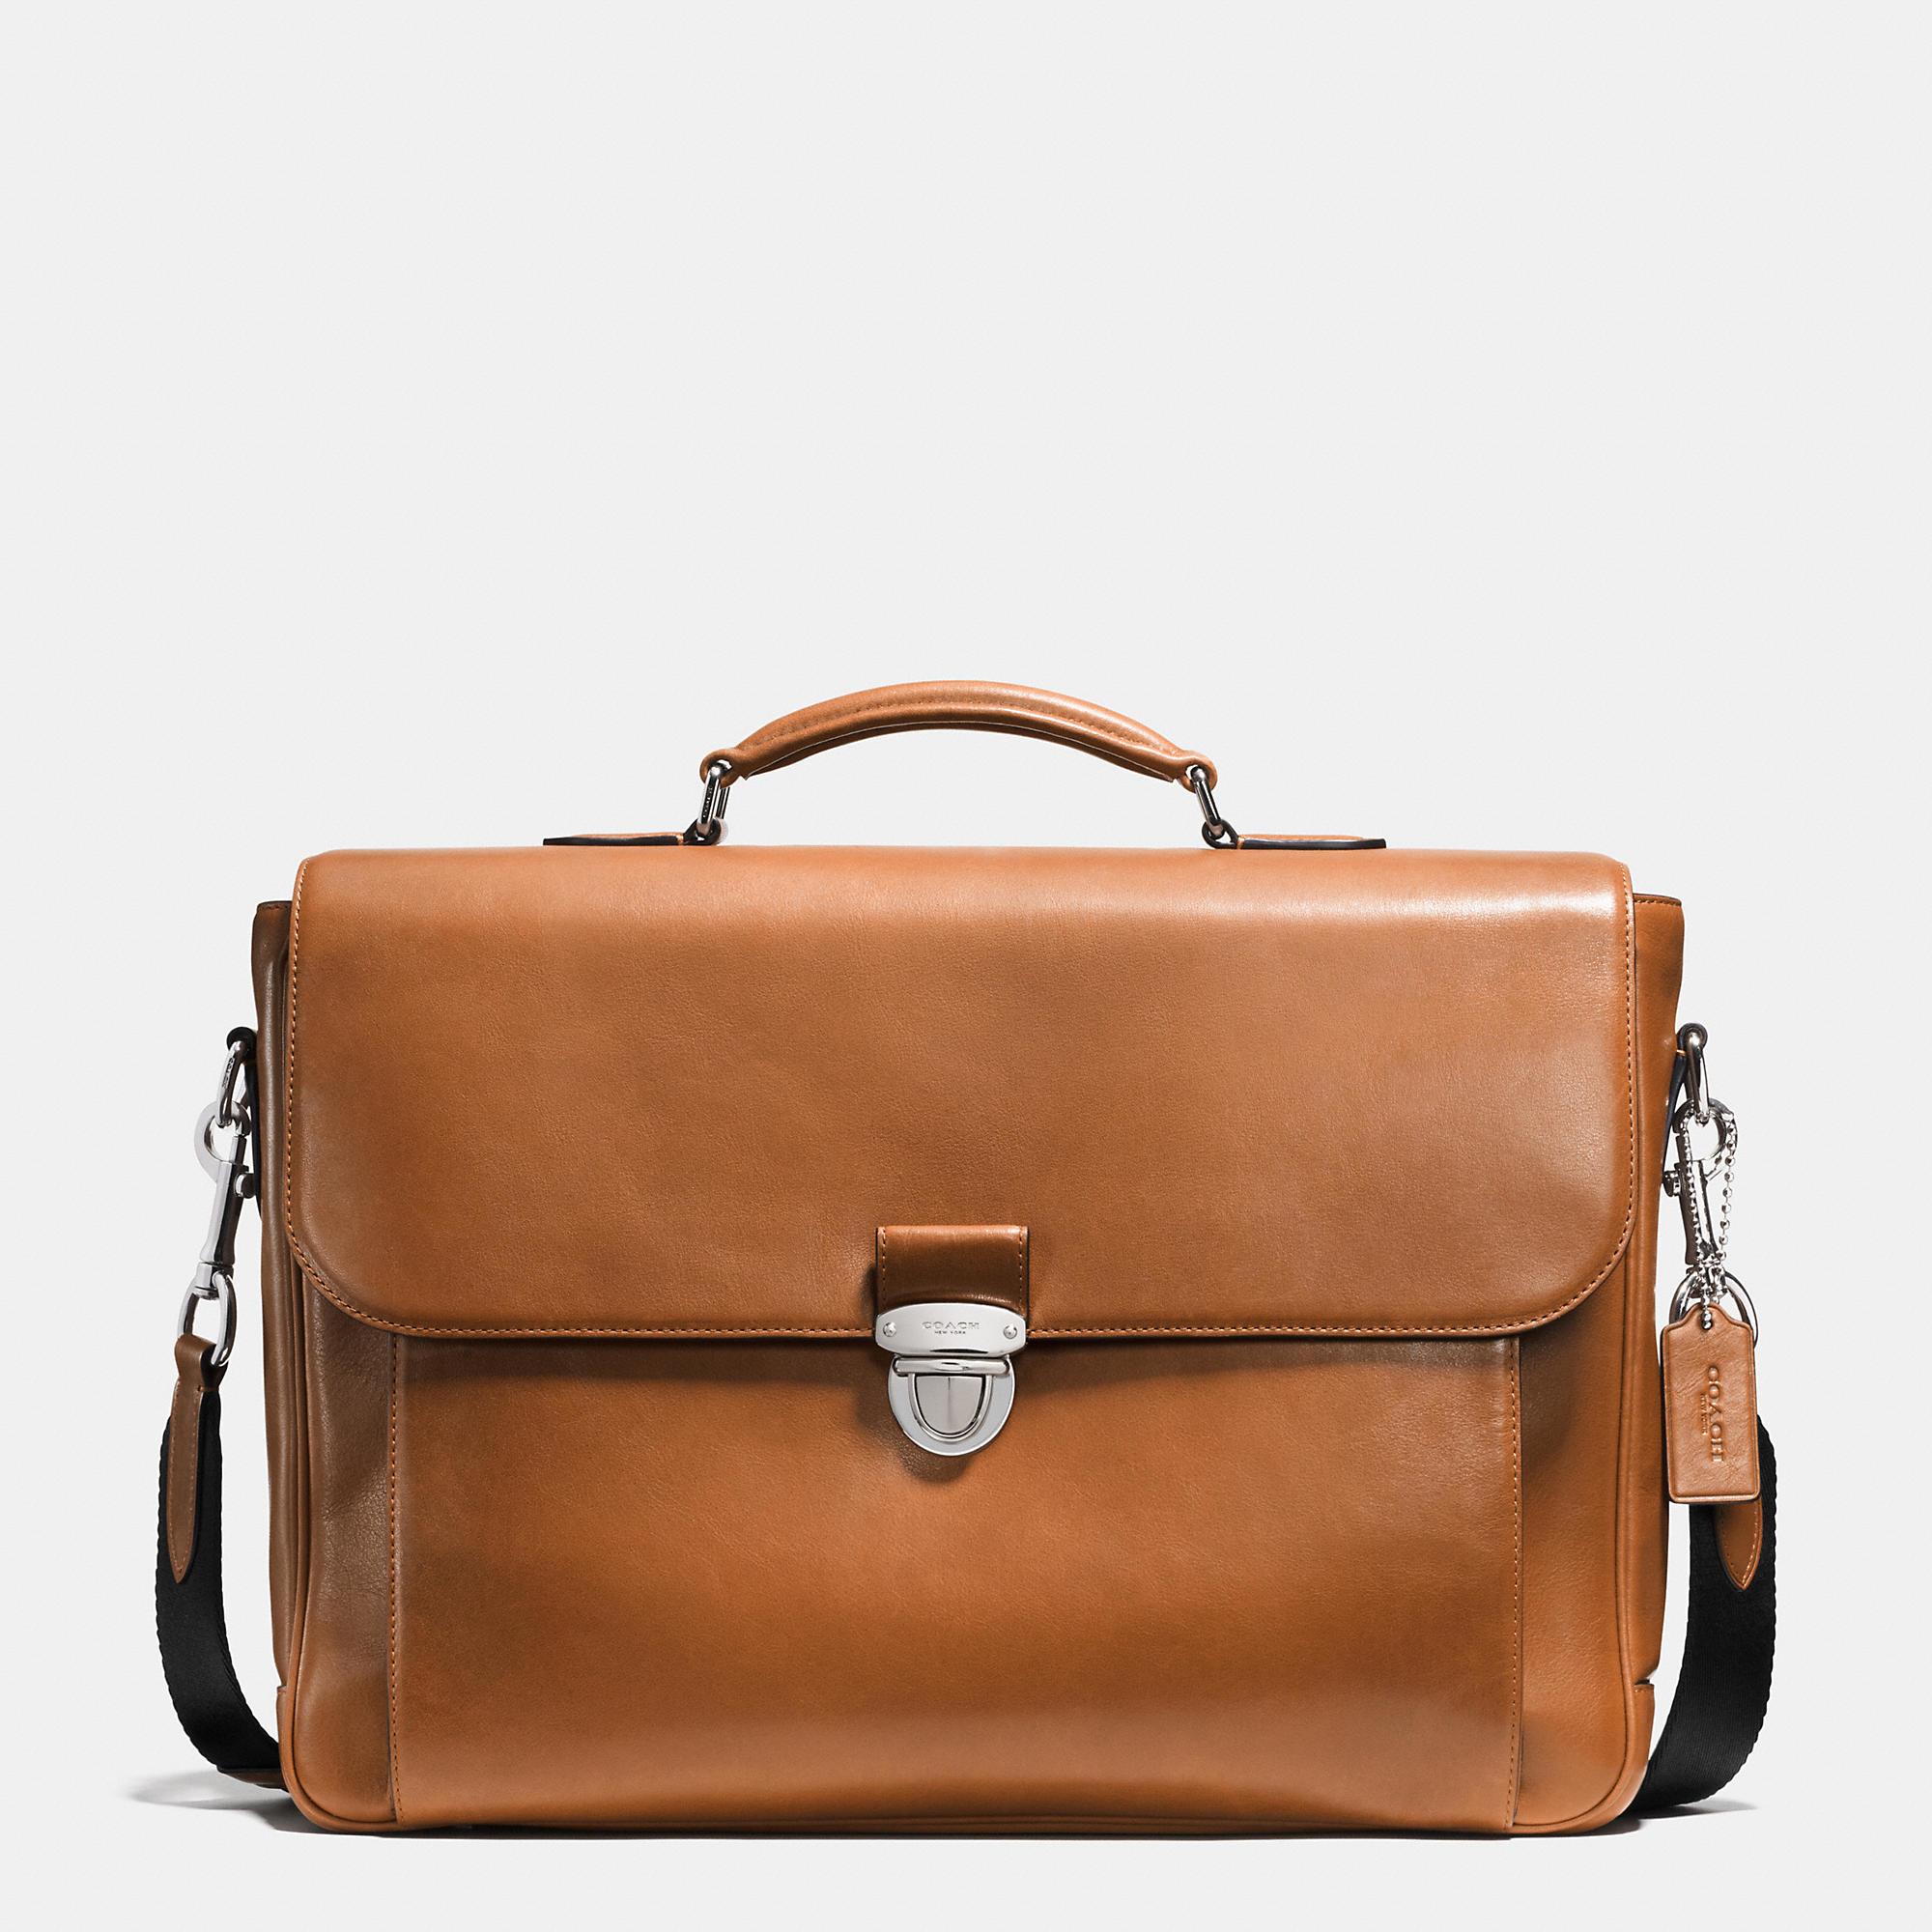 coach metropolitan briefcase photo - 1